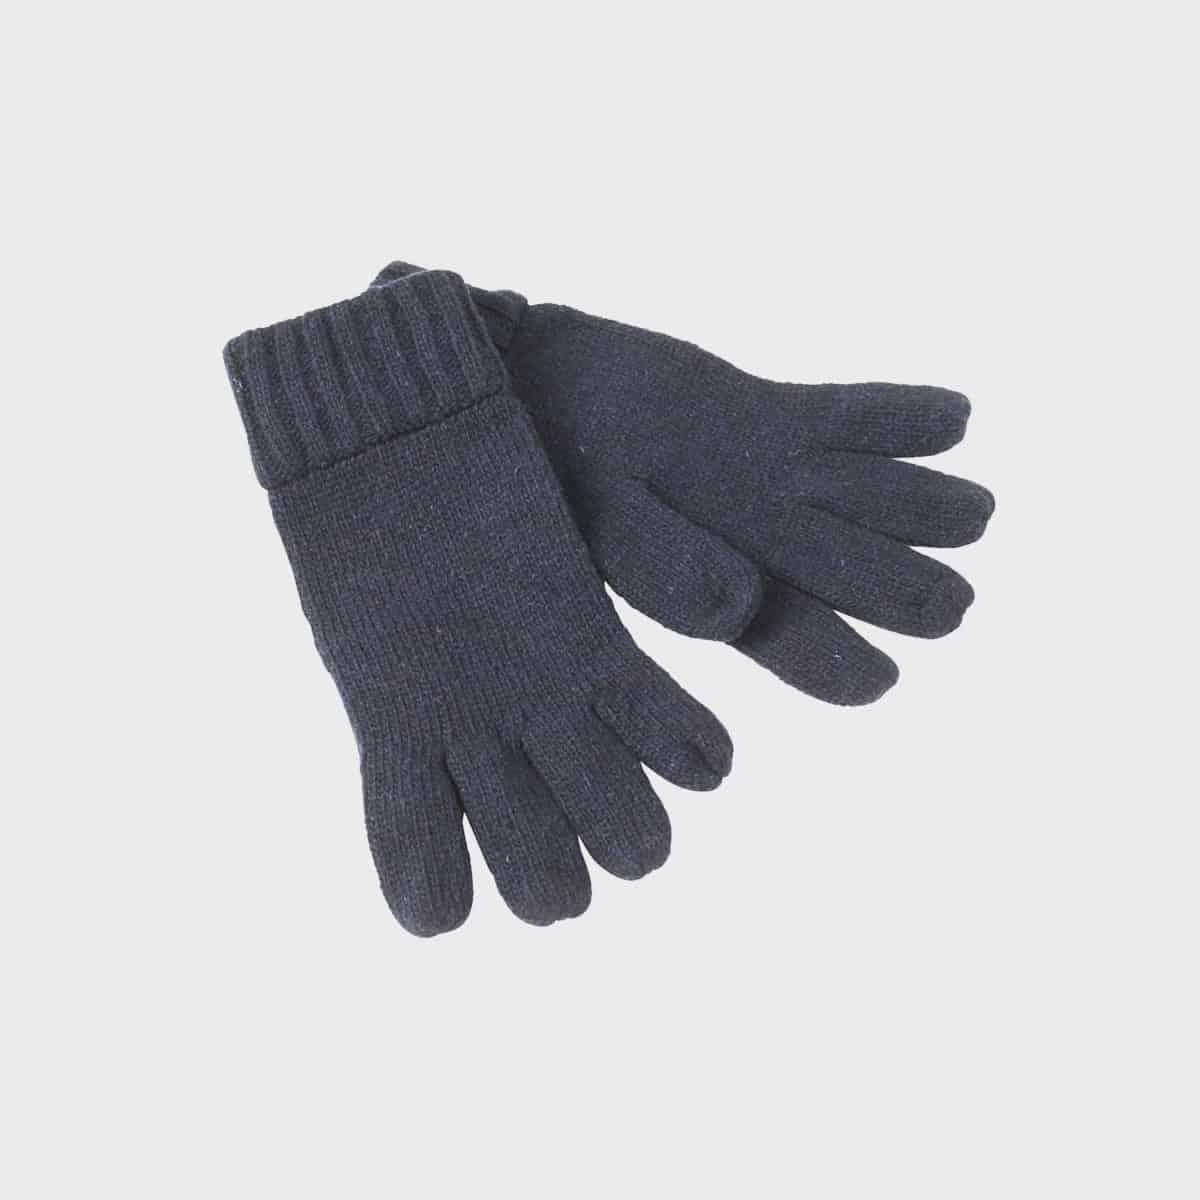 basic-melange-gloves-black-navy-kaufen-besticken_stickmanufaktur